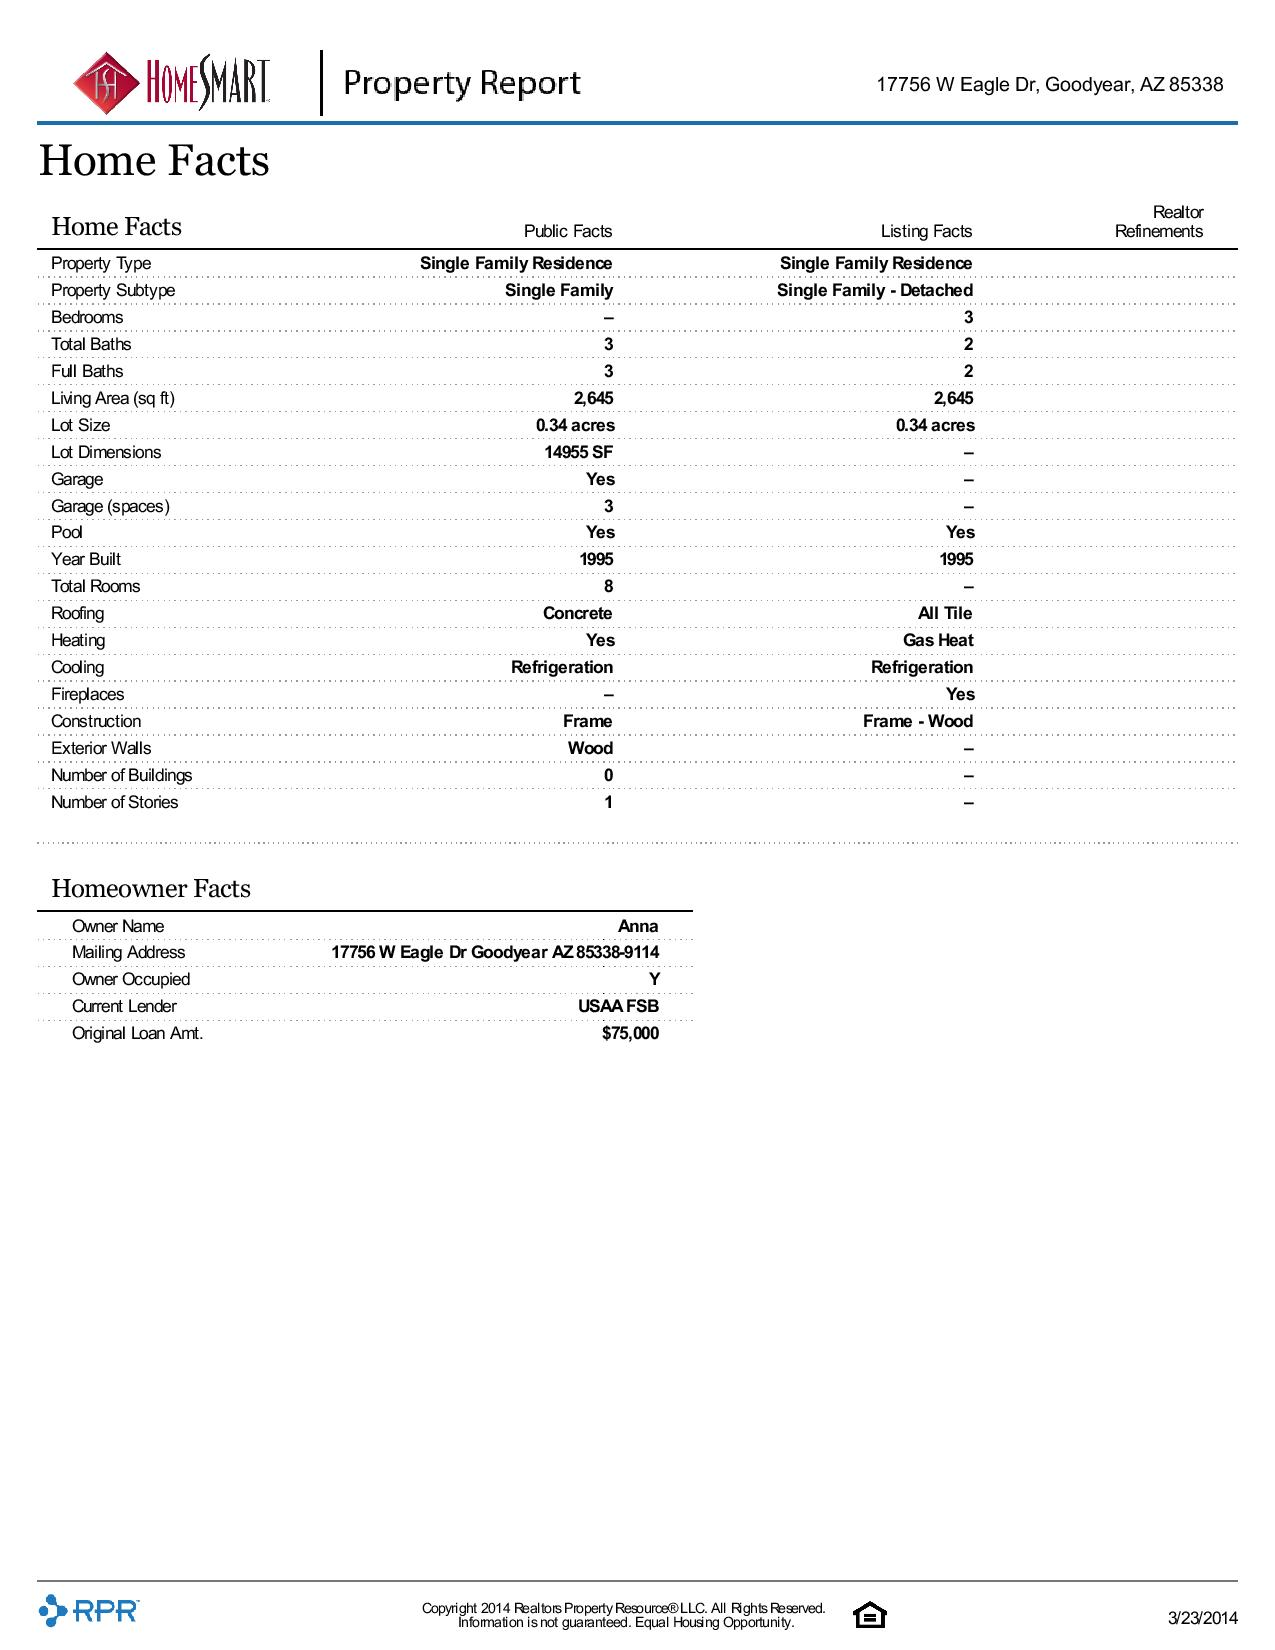 17756-W-Eagle-Dr-Goodyear-AZ-85338-page-003